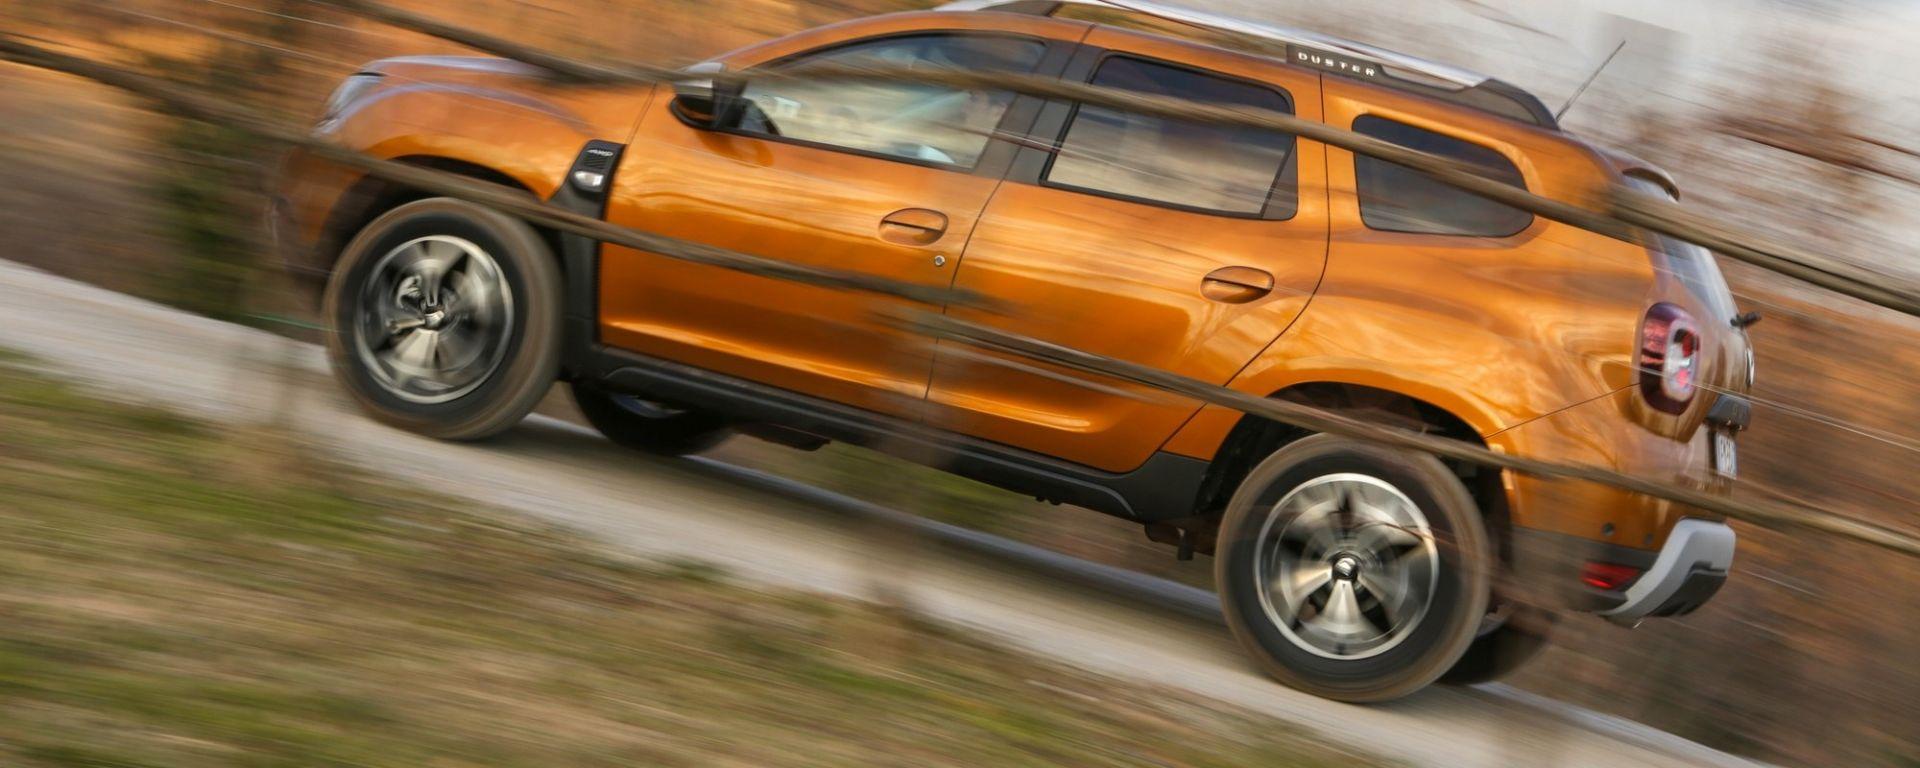 Nuova Dacia Duster 2018: la prova su strada (e fuori)